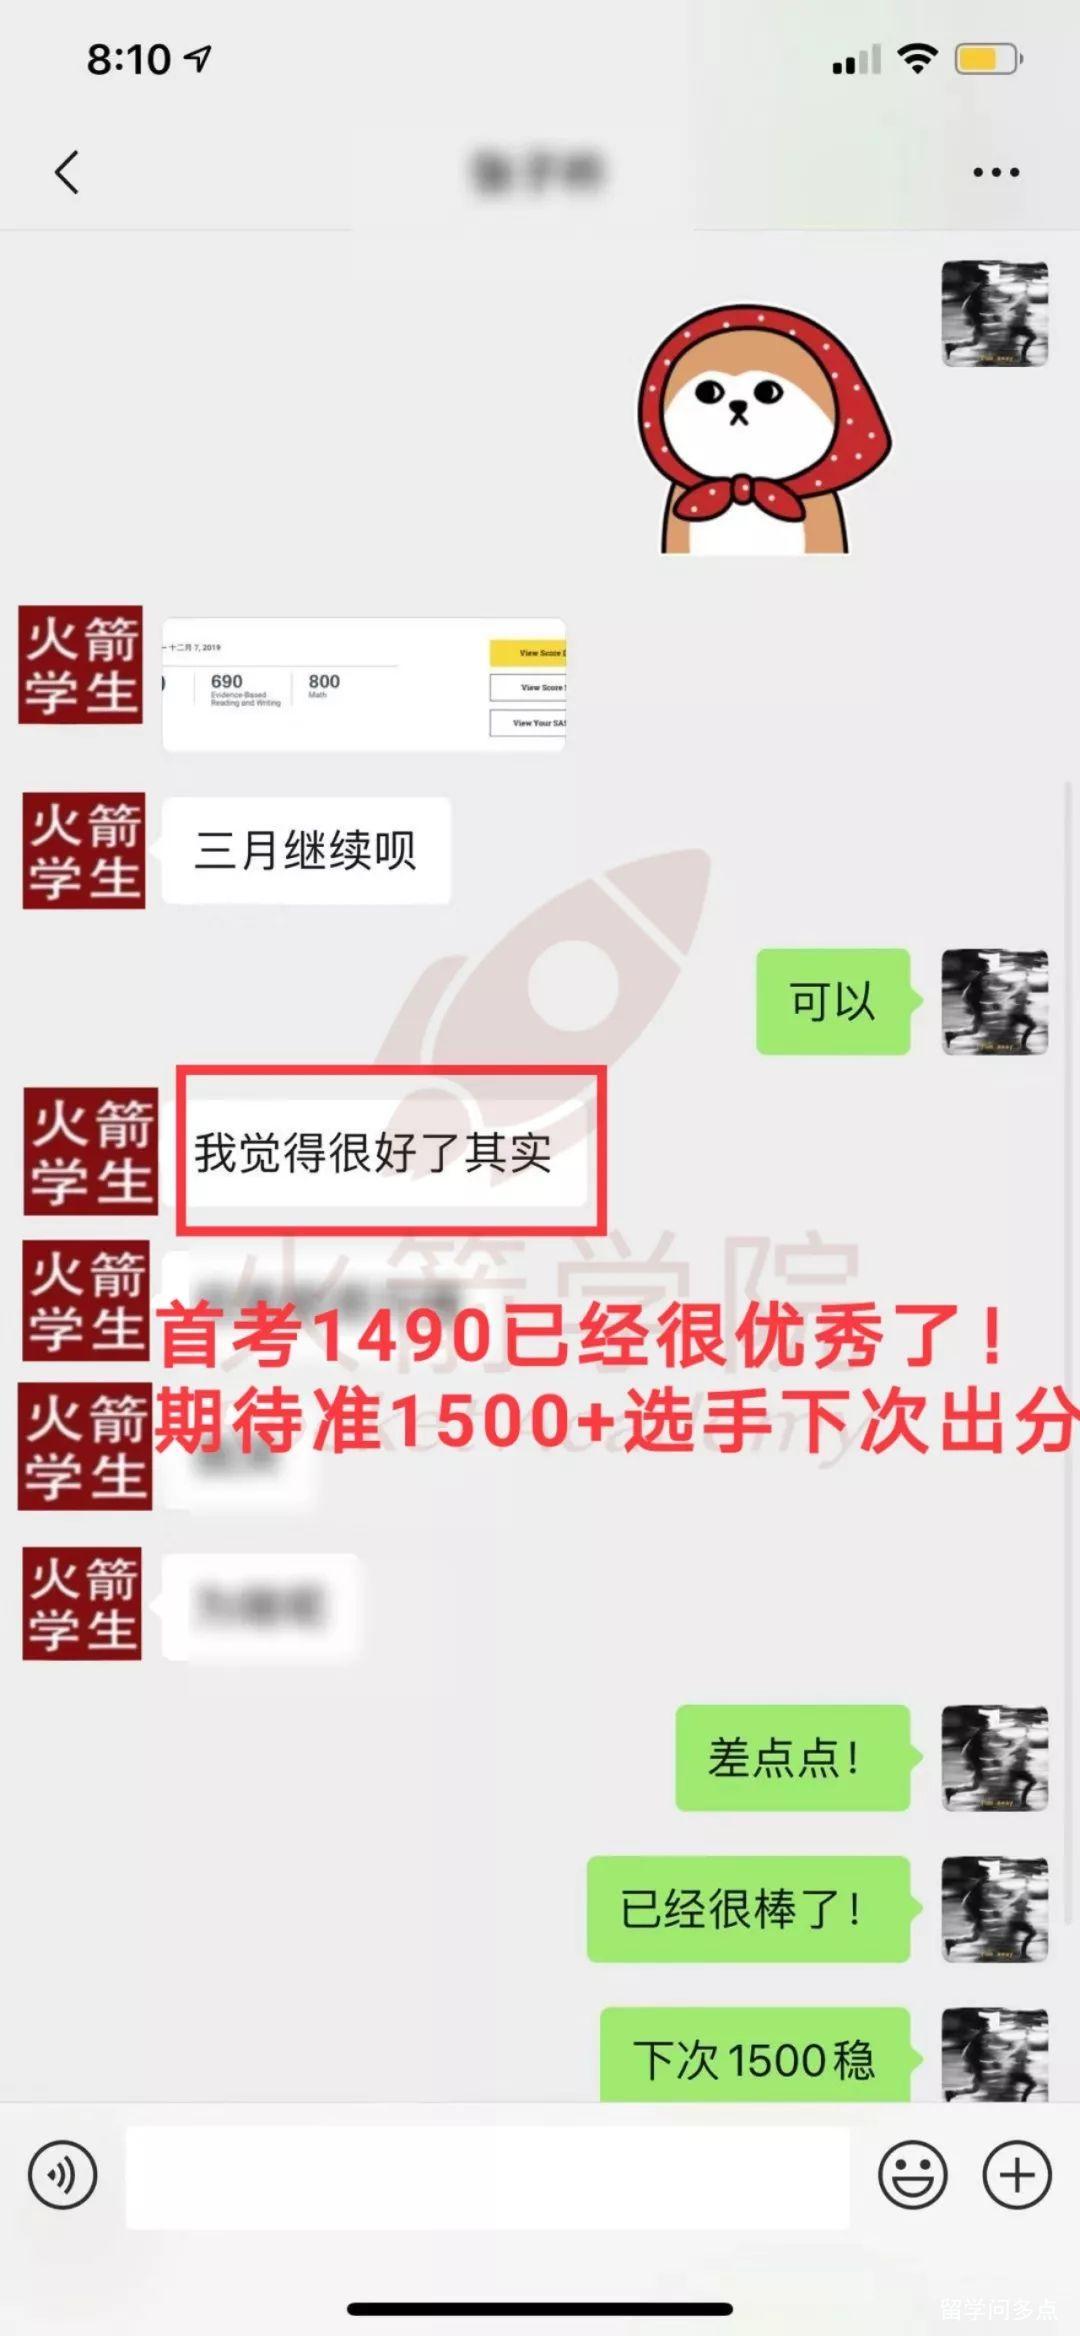 微信图片_20200326150239.jpg